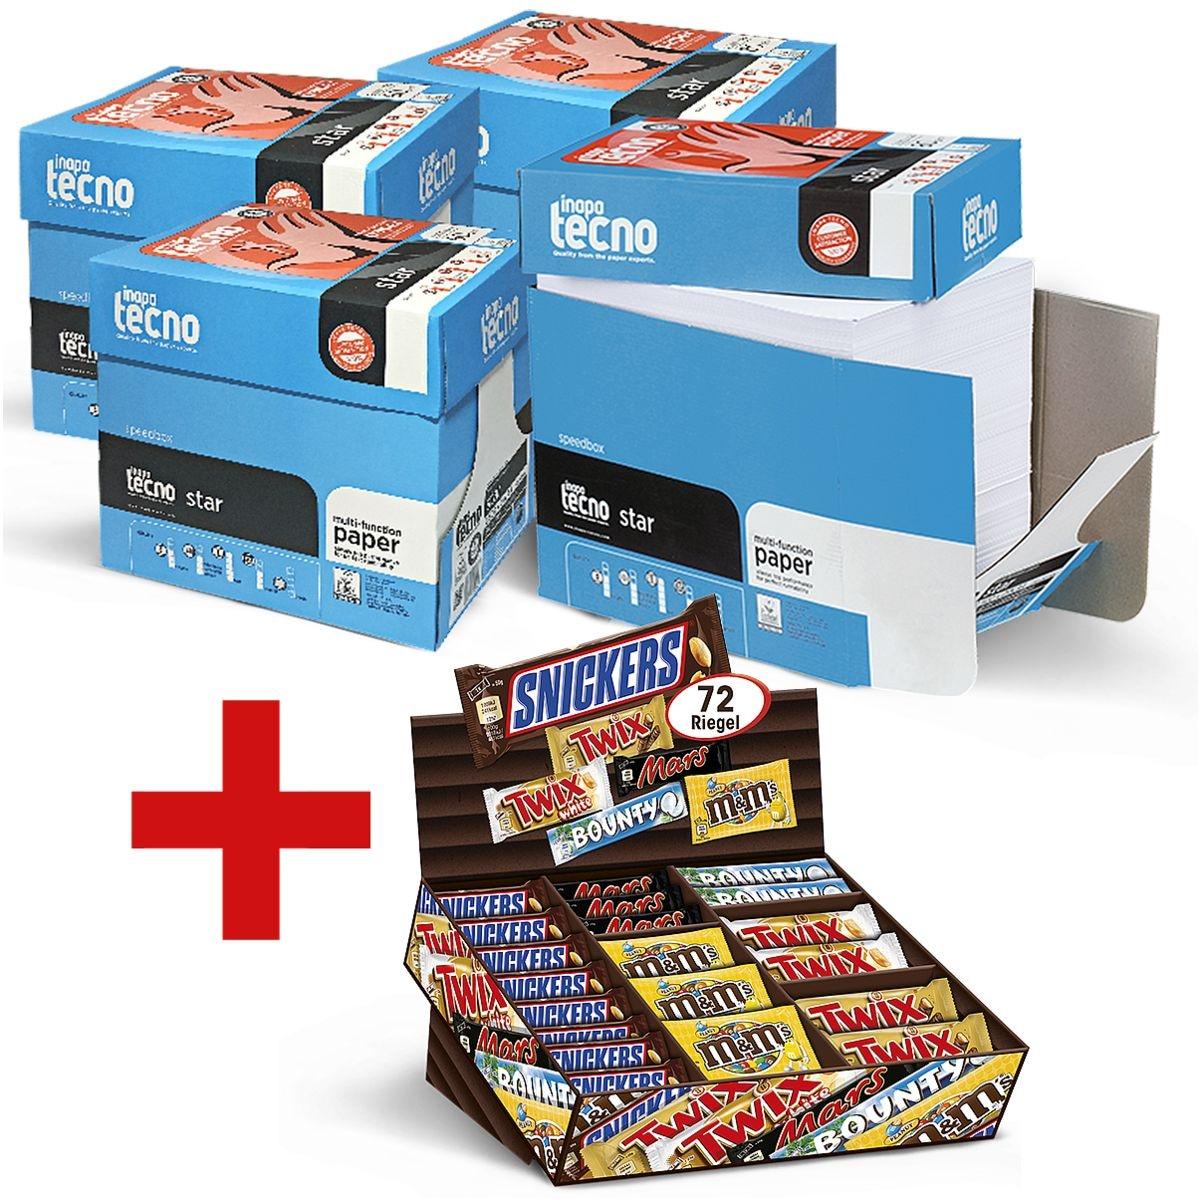 4x Öko-Box Kopierpapier A4 Inapa tecno Star - 10000 Blatt gesamt inkl. Mars Topseller-Box 72-teilig